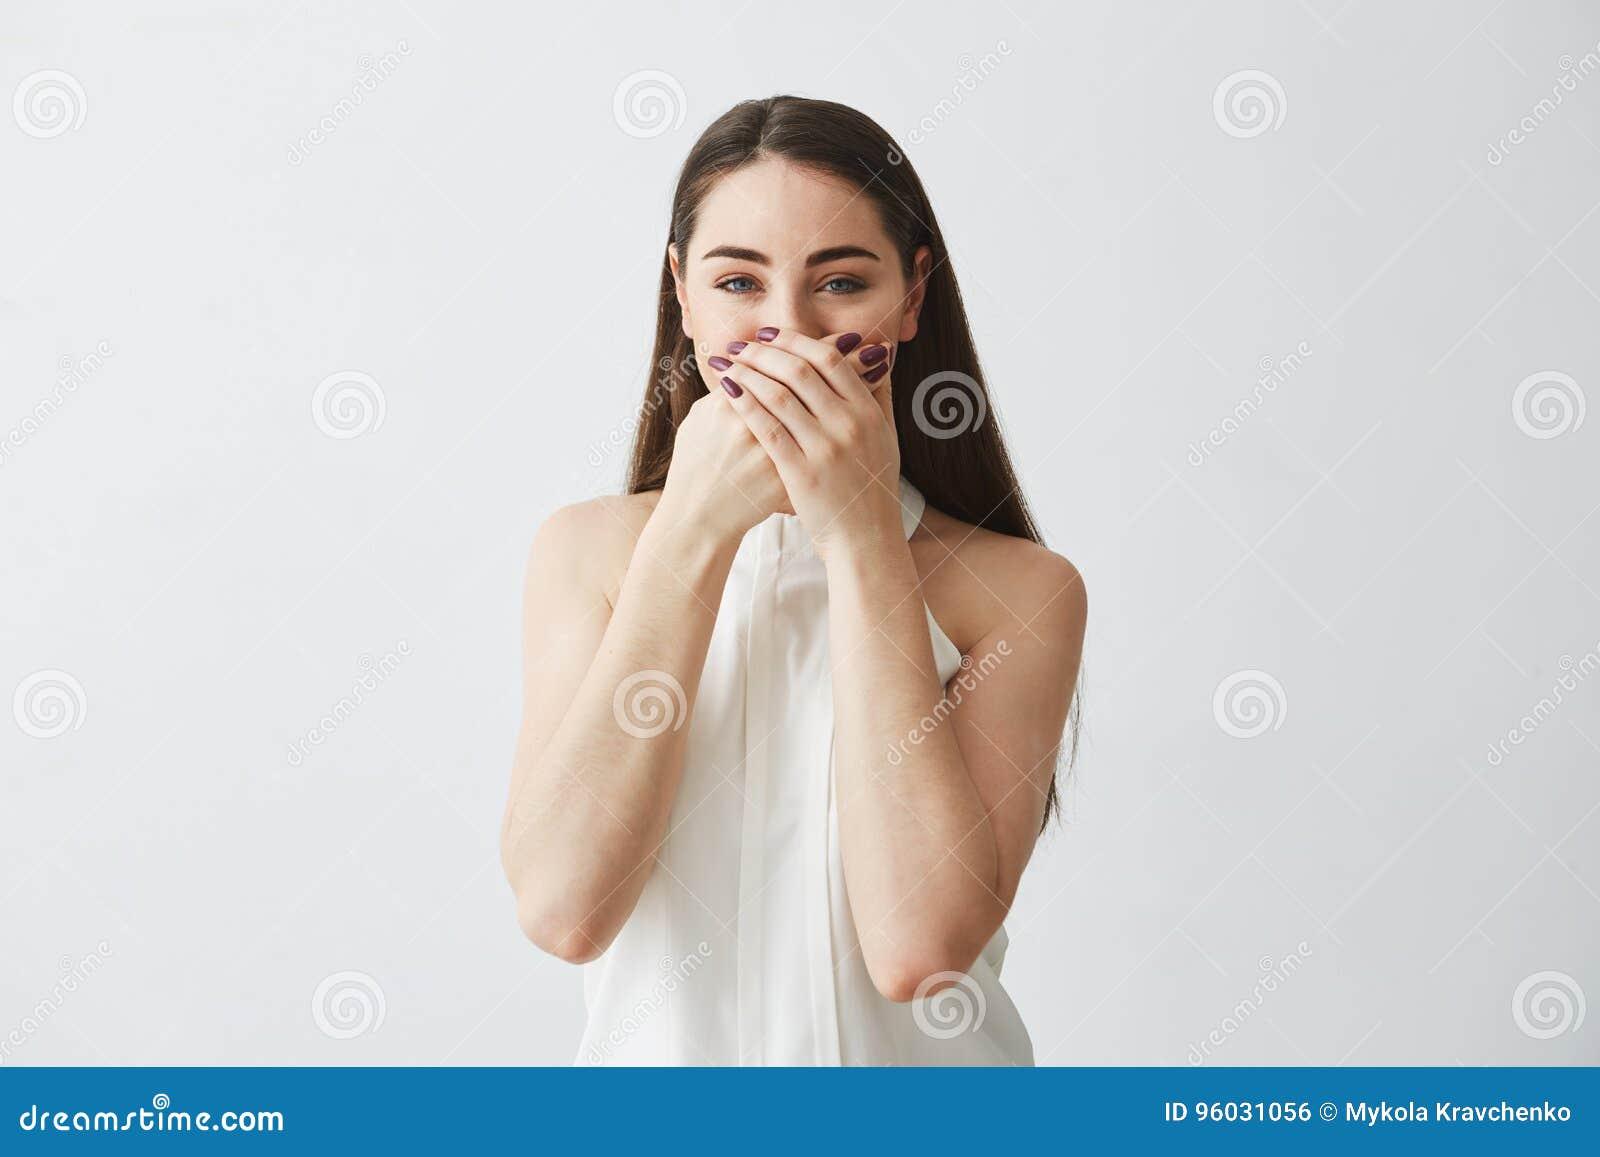 Portret młodej brunetki dziewczyny roześmiany nakrywkowy usta z ręką patrzeje kamerę nad białym tłem